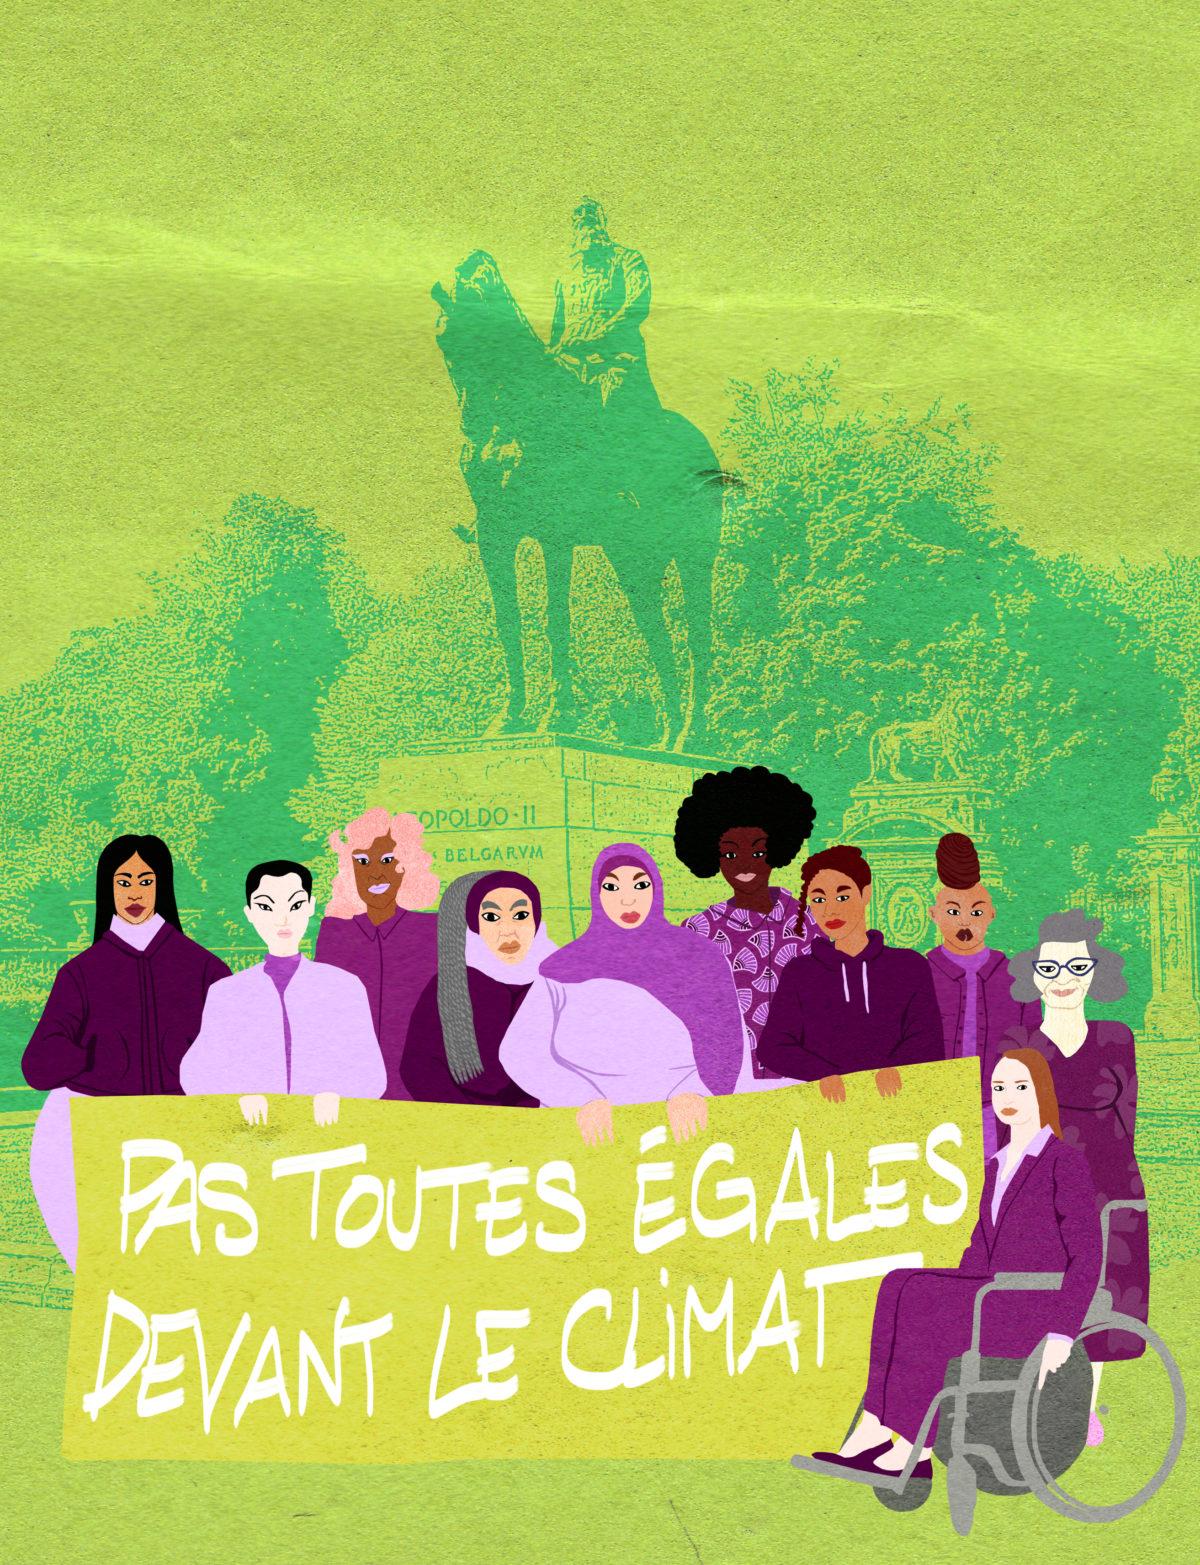 Les femmes, pas toutes égales devant le climat